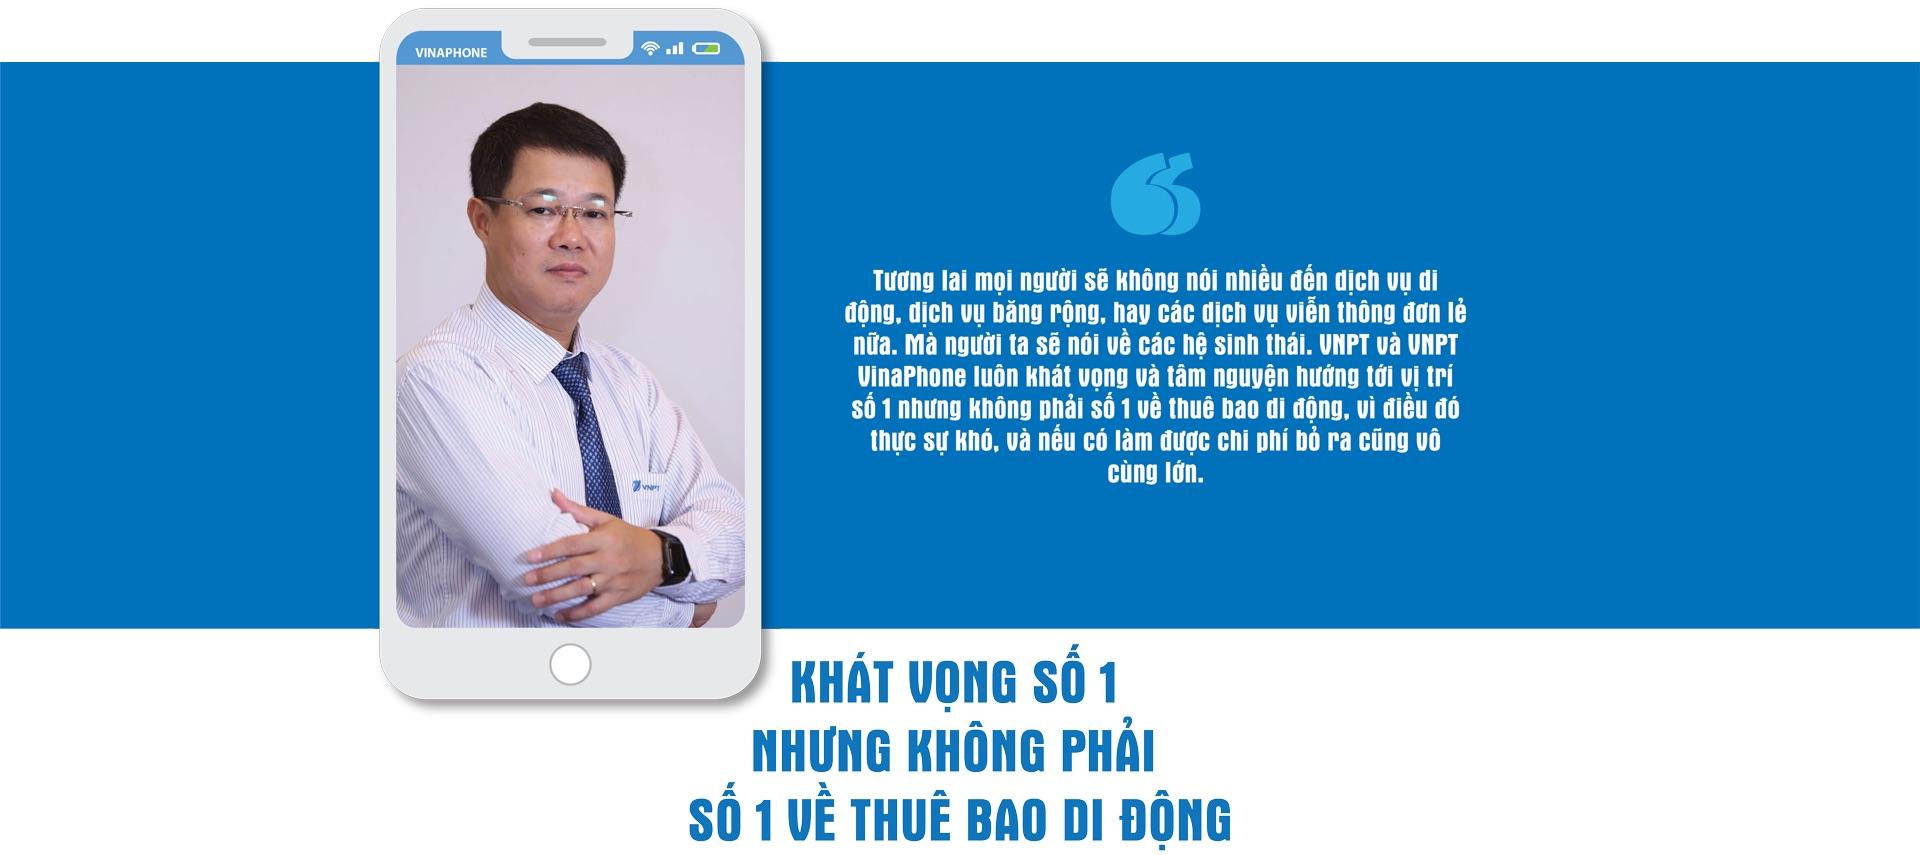 """CEO VNPT-VinaPhone: """"25 tuổi, VinaPhone muốn là số 1 nhưng không phải số 1 về thuê bao di động"""" - Ảnh 6"""